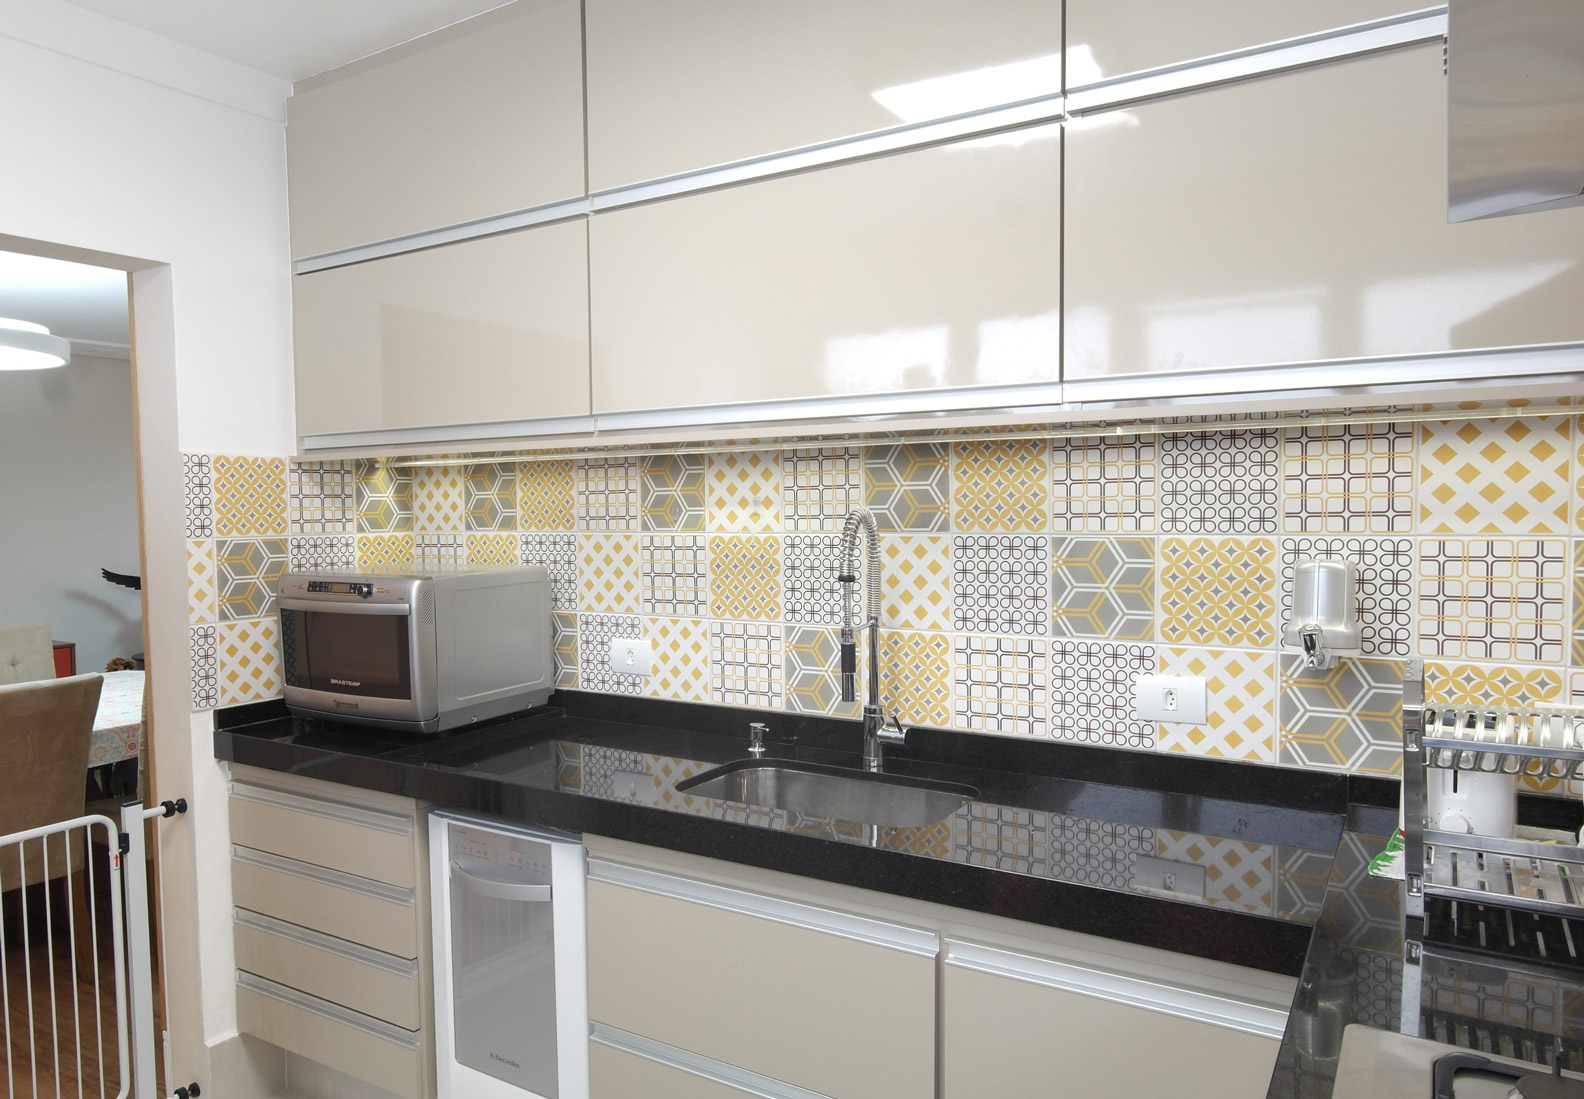 Daniela-Marques-Arquitetura-009-Cozinha-Azulejo-Amarelo-Cinza.jpg